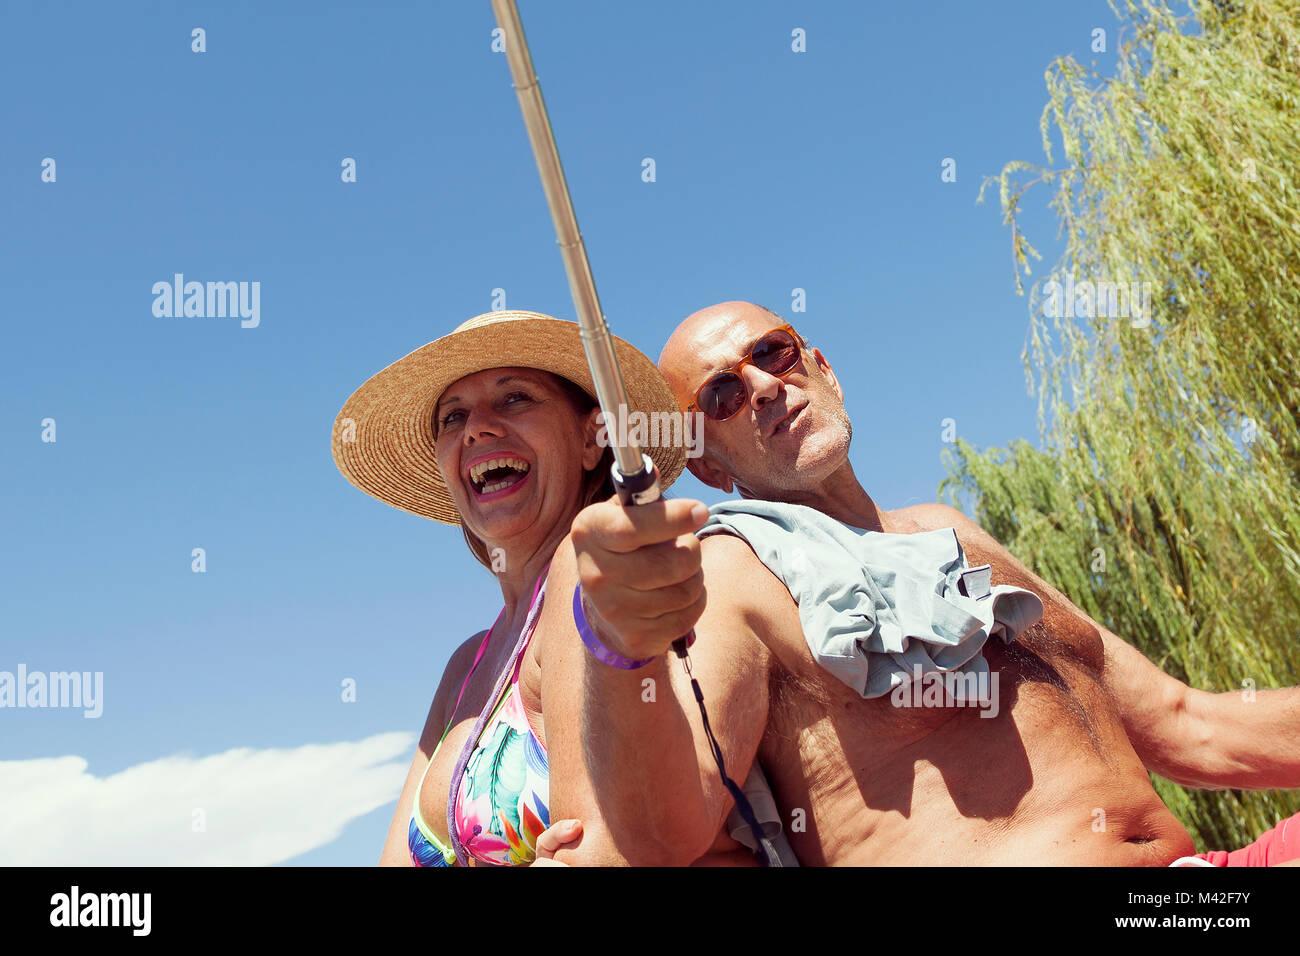 Coppia matura prendere un selfie con uno smart phone sulla spiaggia in vacanza. Concetto di bella gente divertirsi Immagini Stock